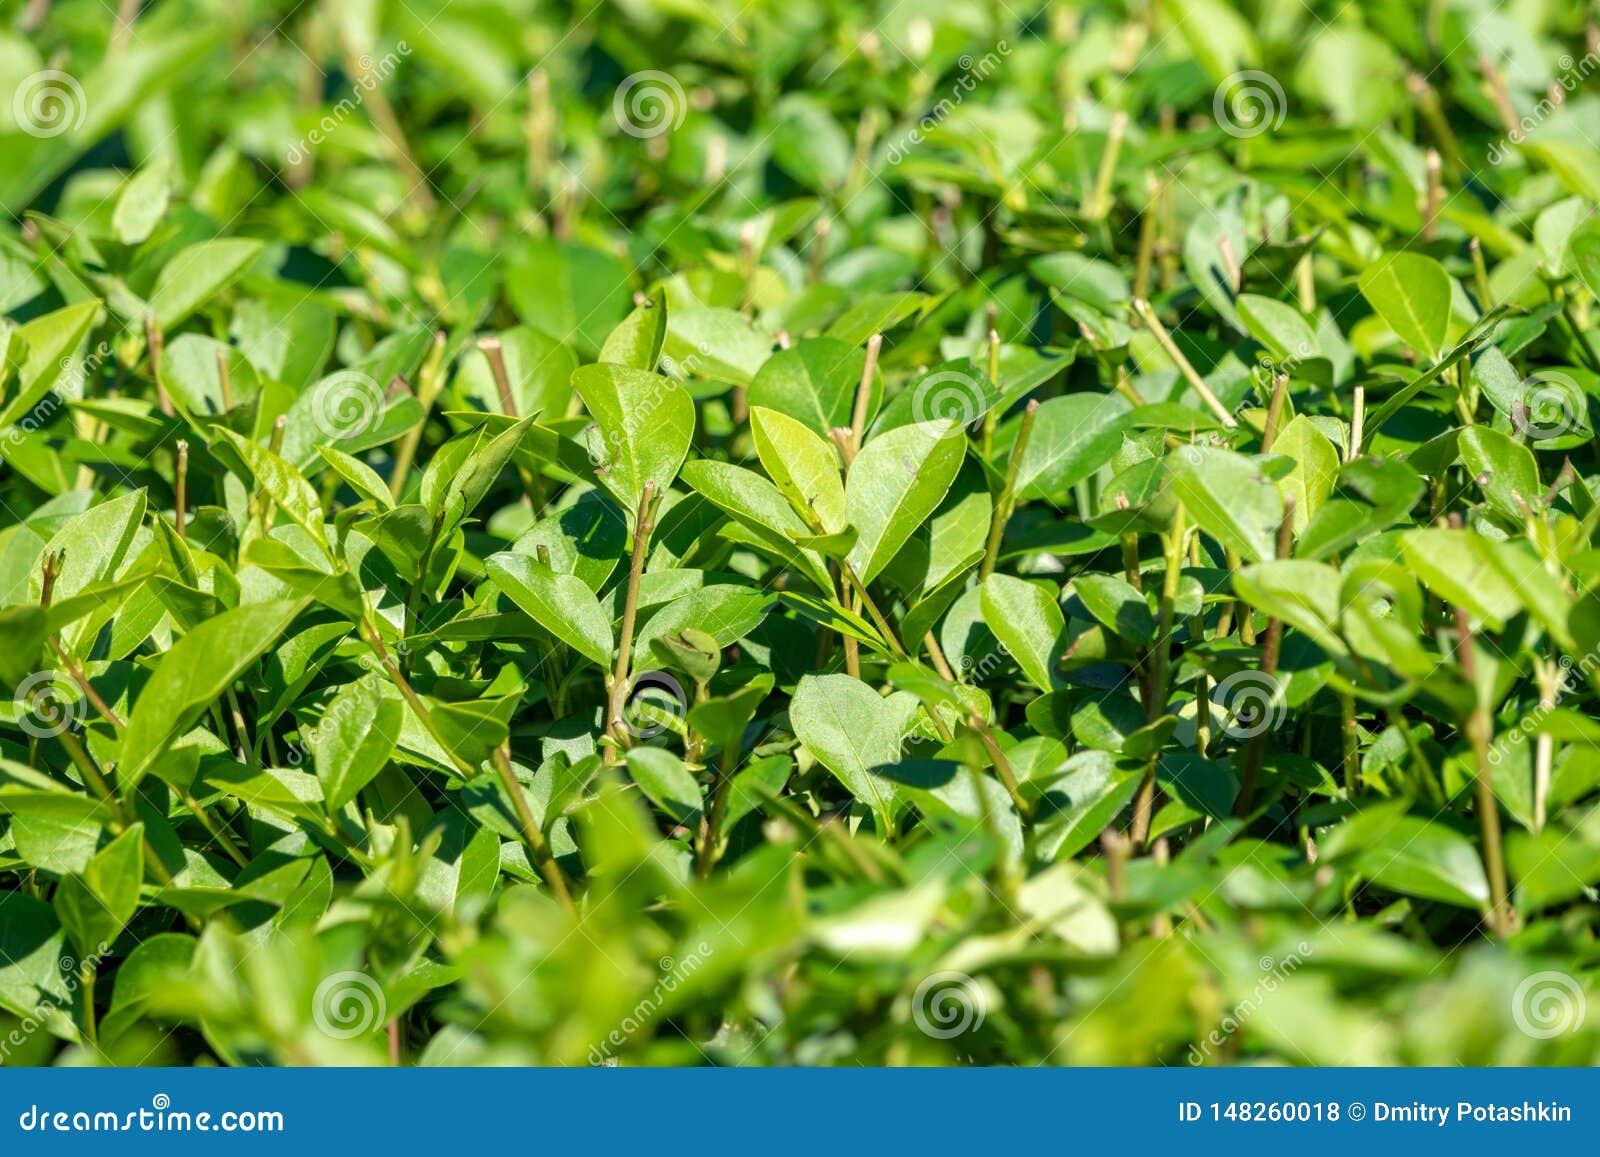 Arbustos verdes com ramos aparados e as folhas novas